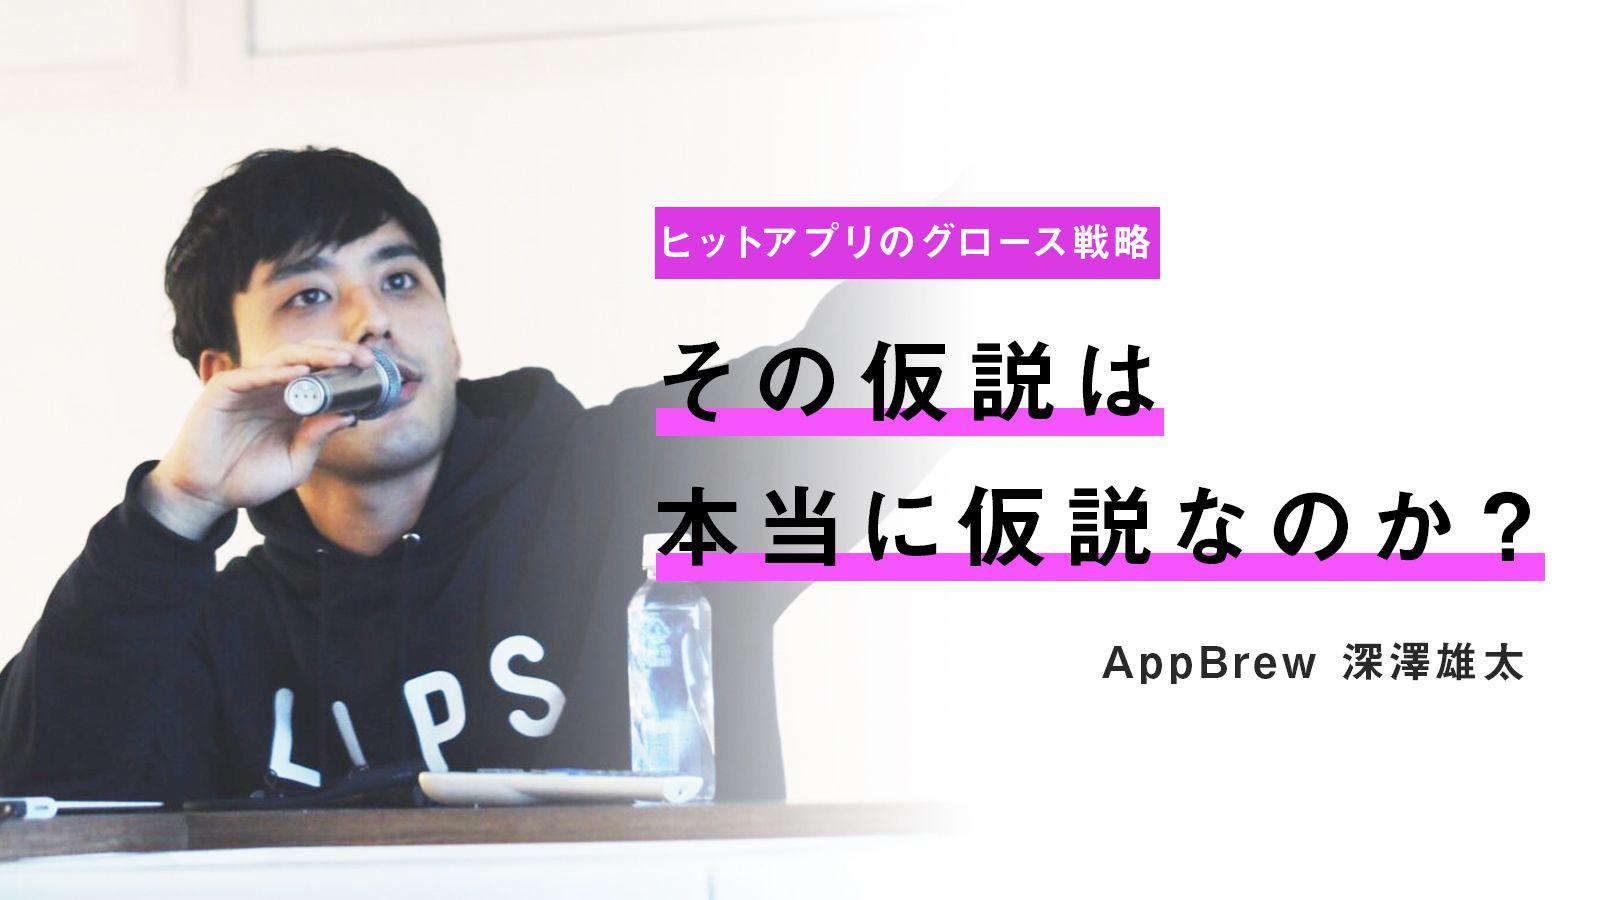 『LIPS』CEO 深澤雄太さんに学ぶ!アプリ開発者なら知っておきたい「仮説検証」のやり方